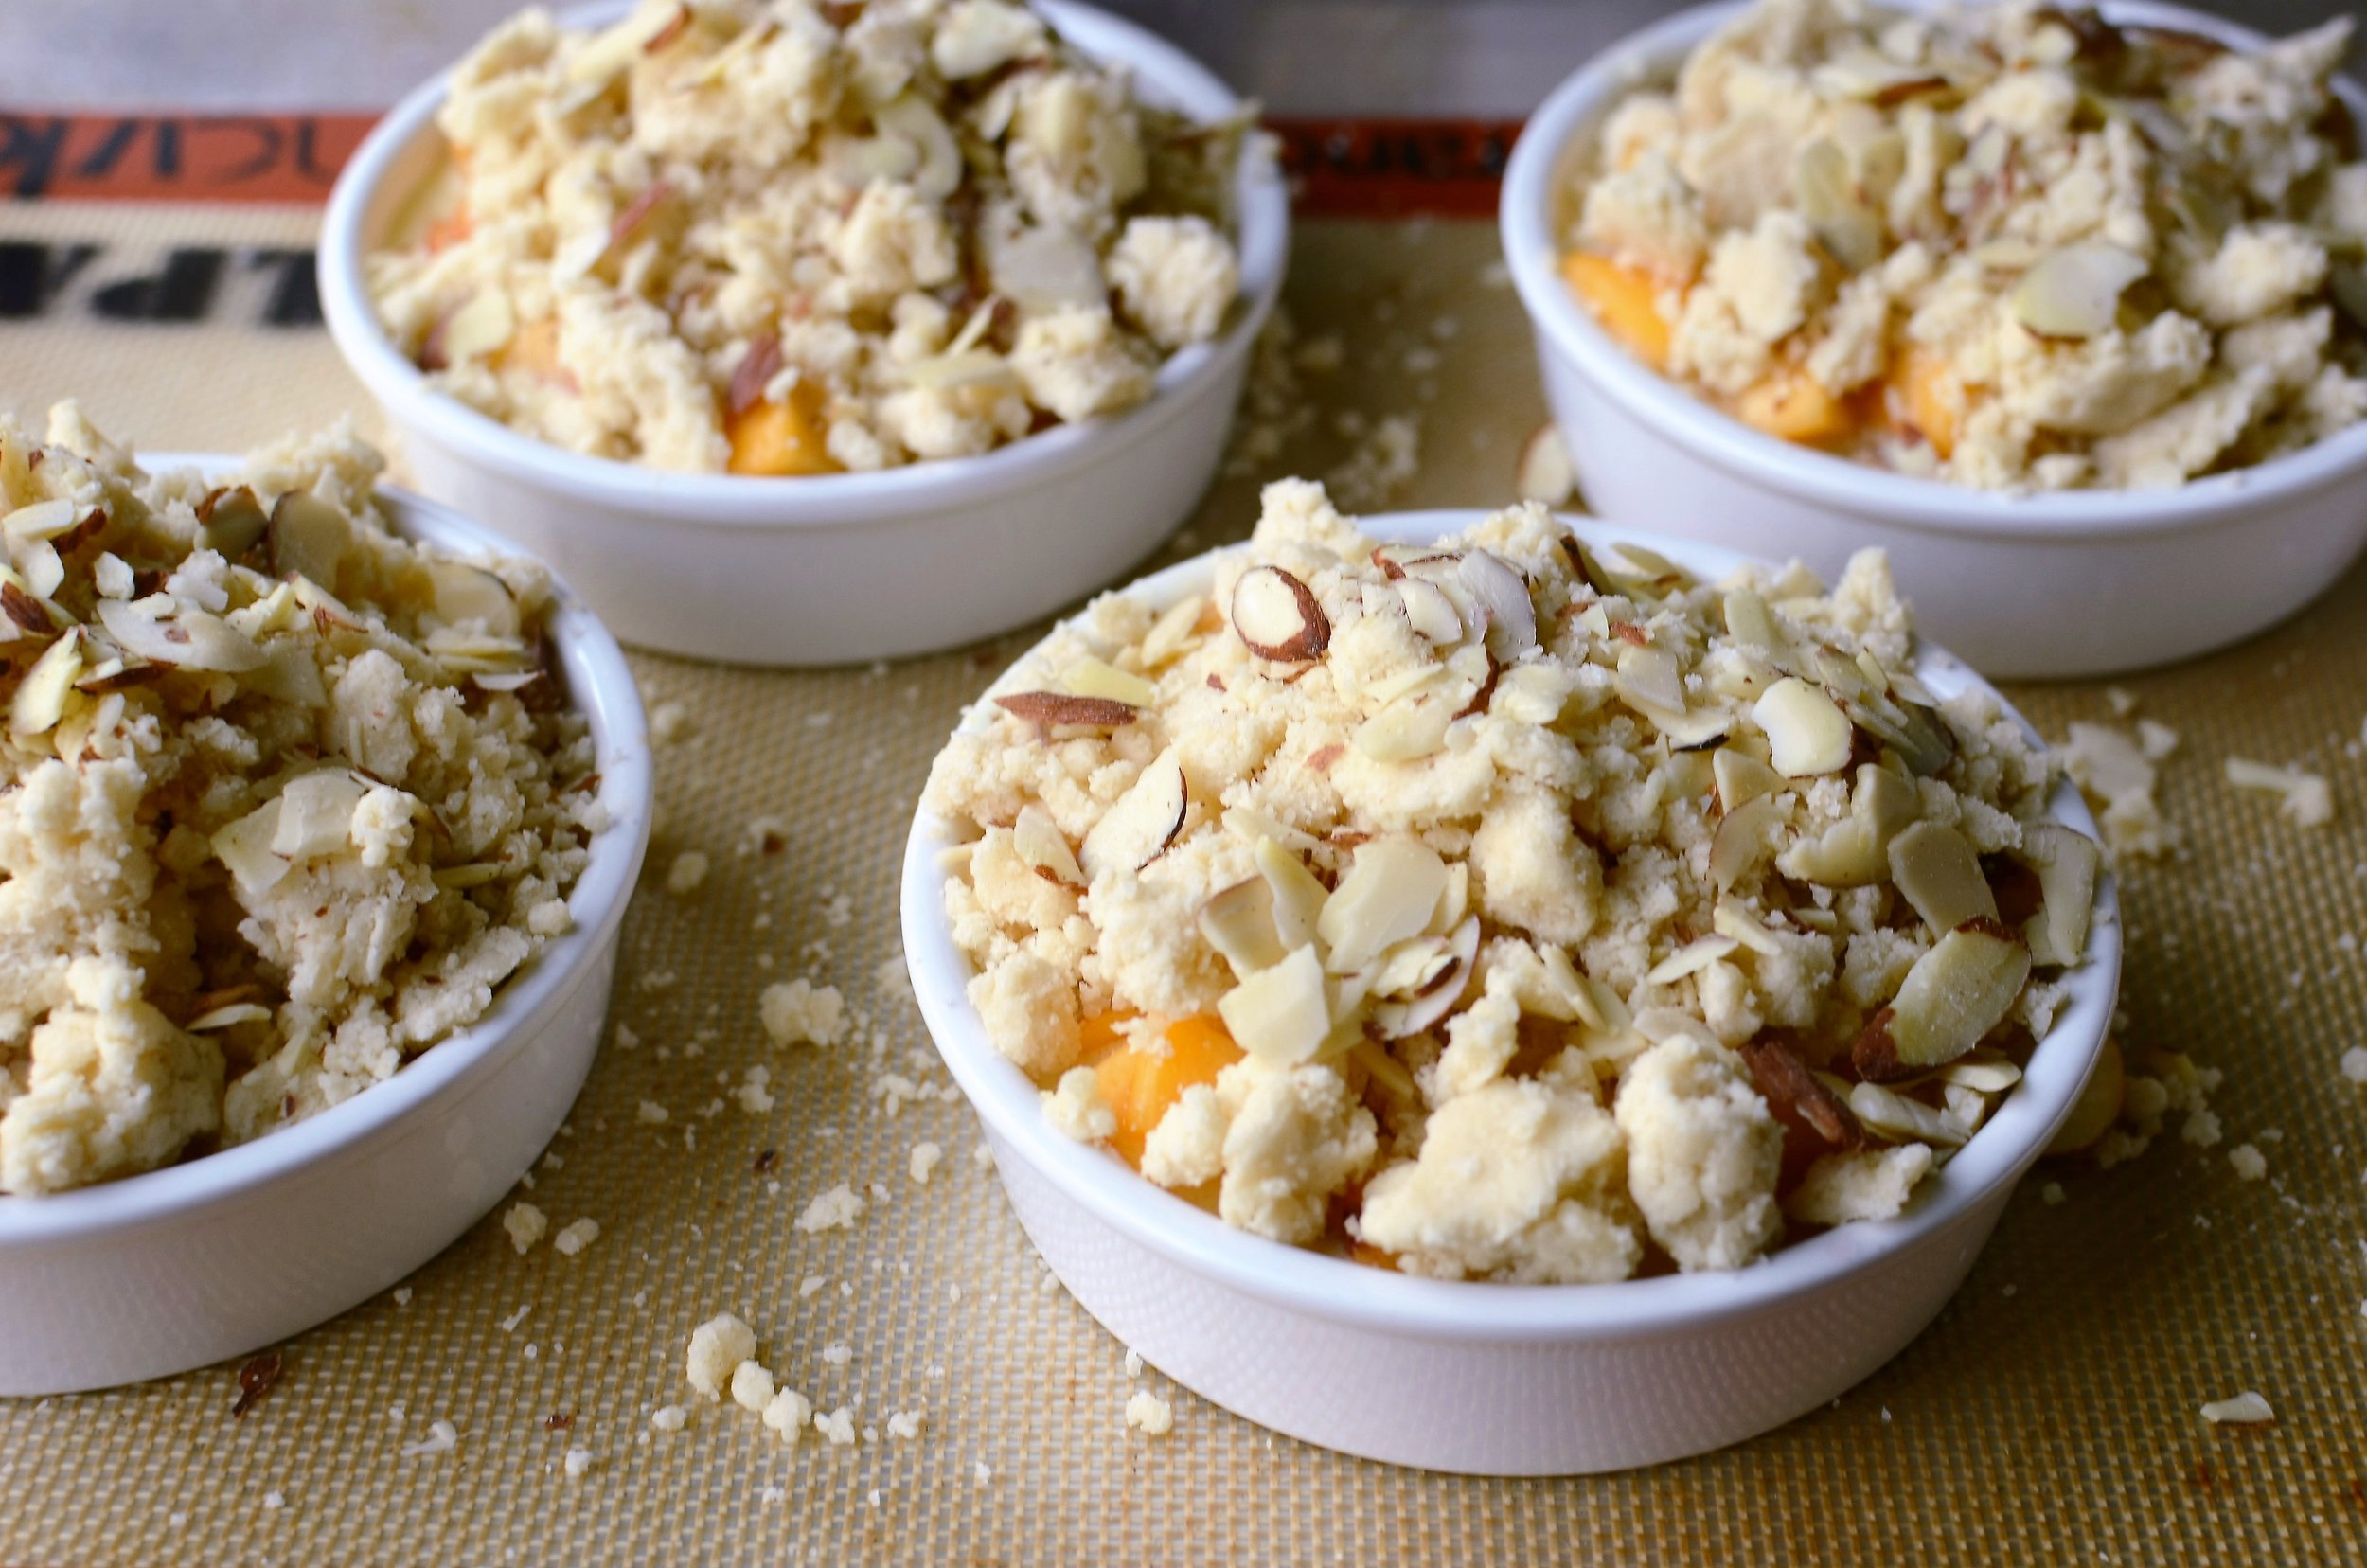 Peaches and Cream Custard Crumble - ButterYum — peaches and cream dessert.  baking with peaches.  peach recipes.  peach dessert recipes.  baking fresh peaches.  baked peaches.